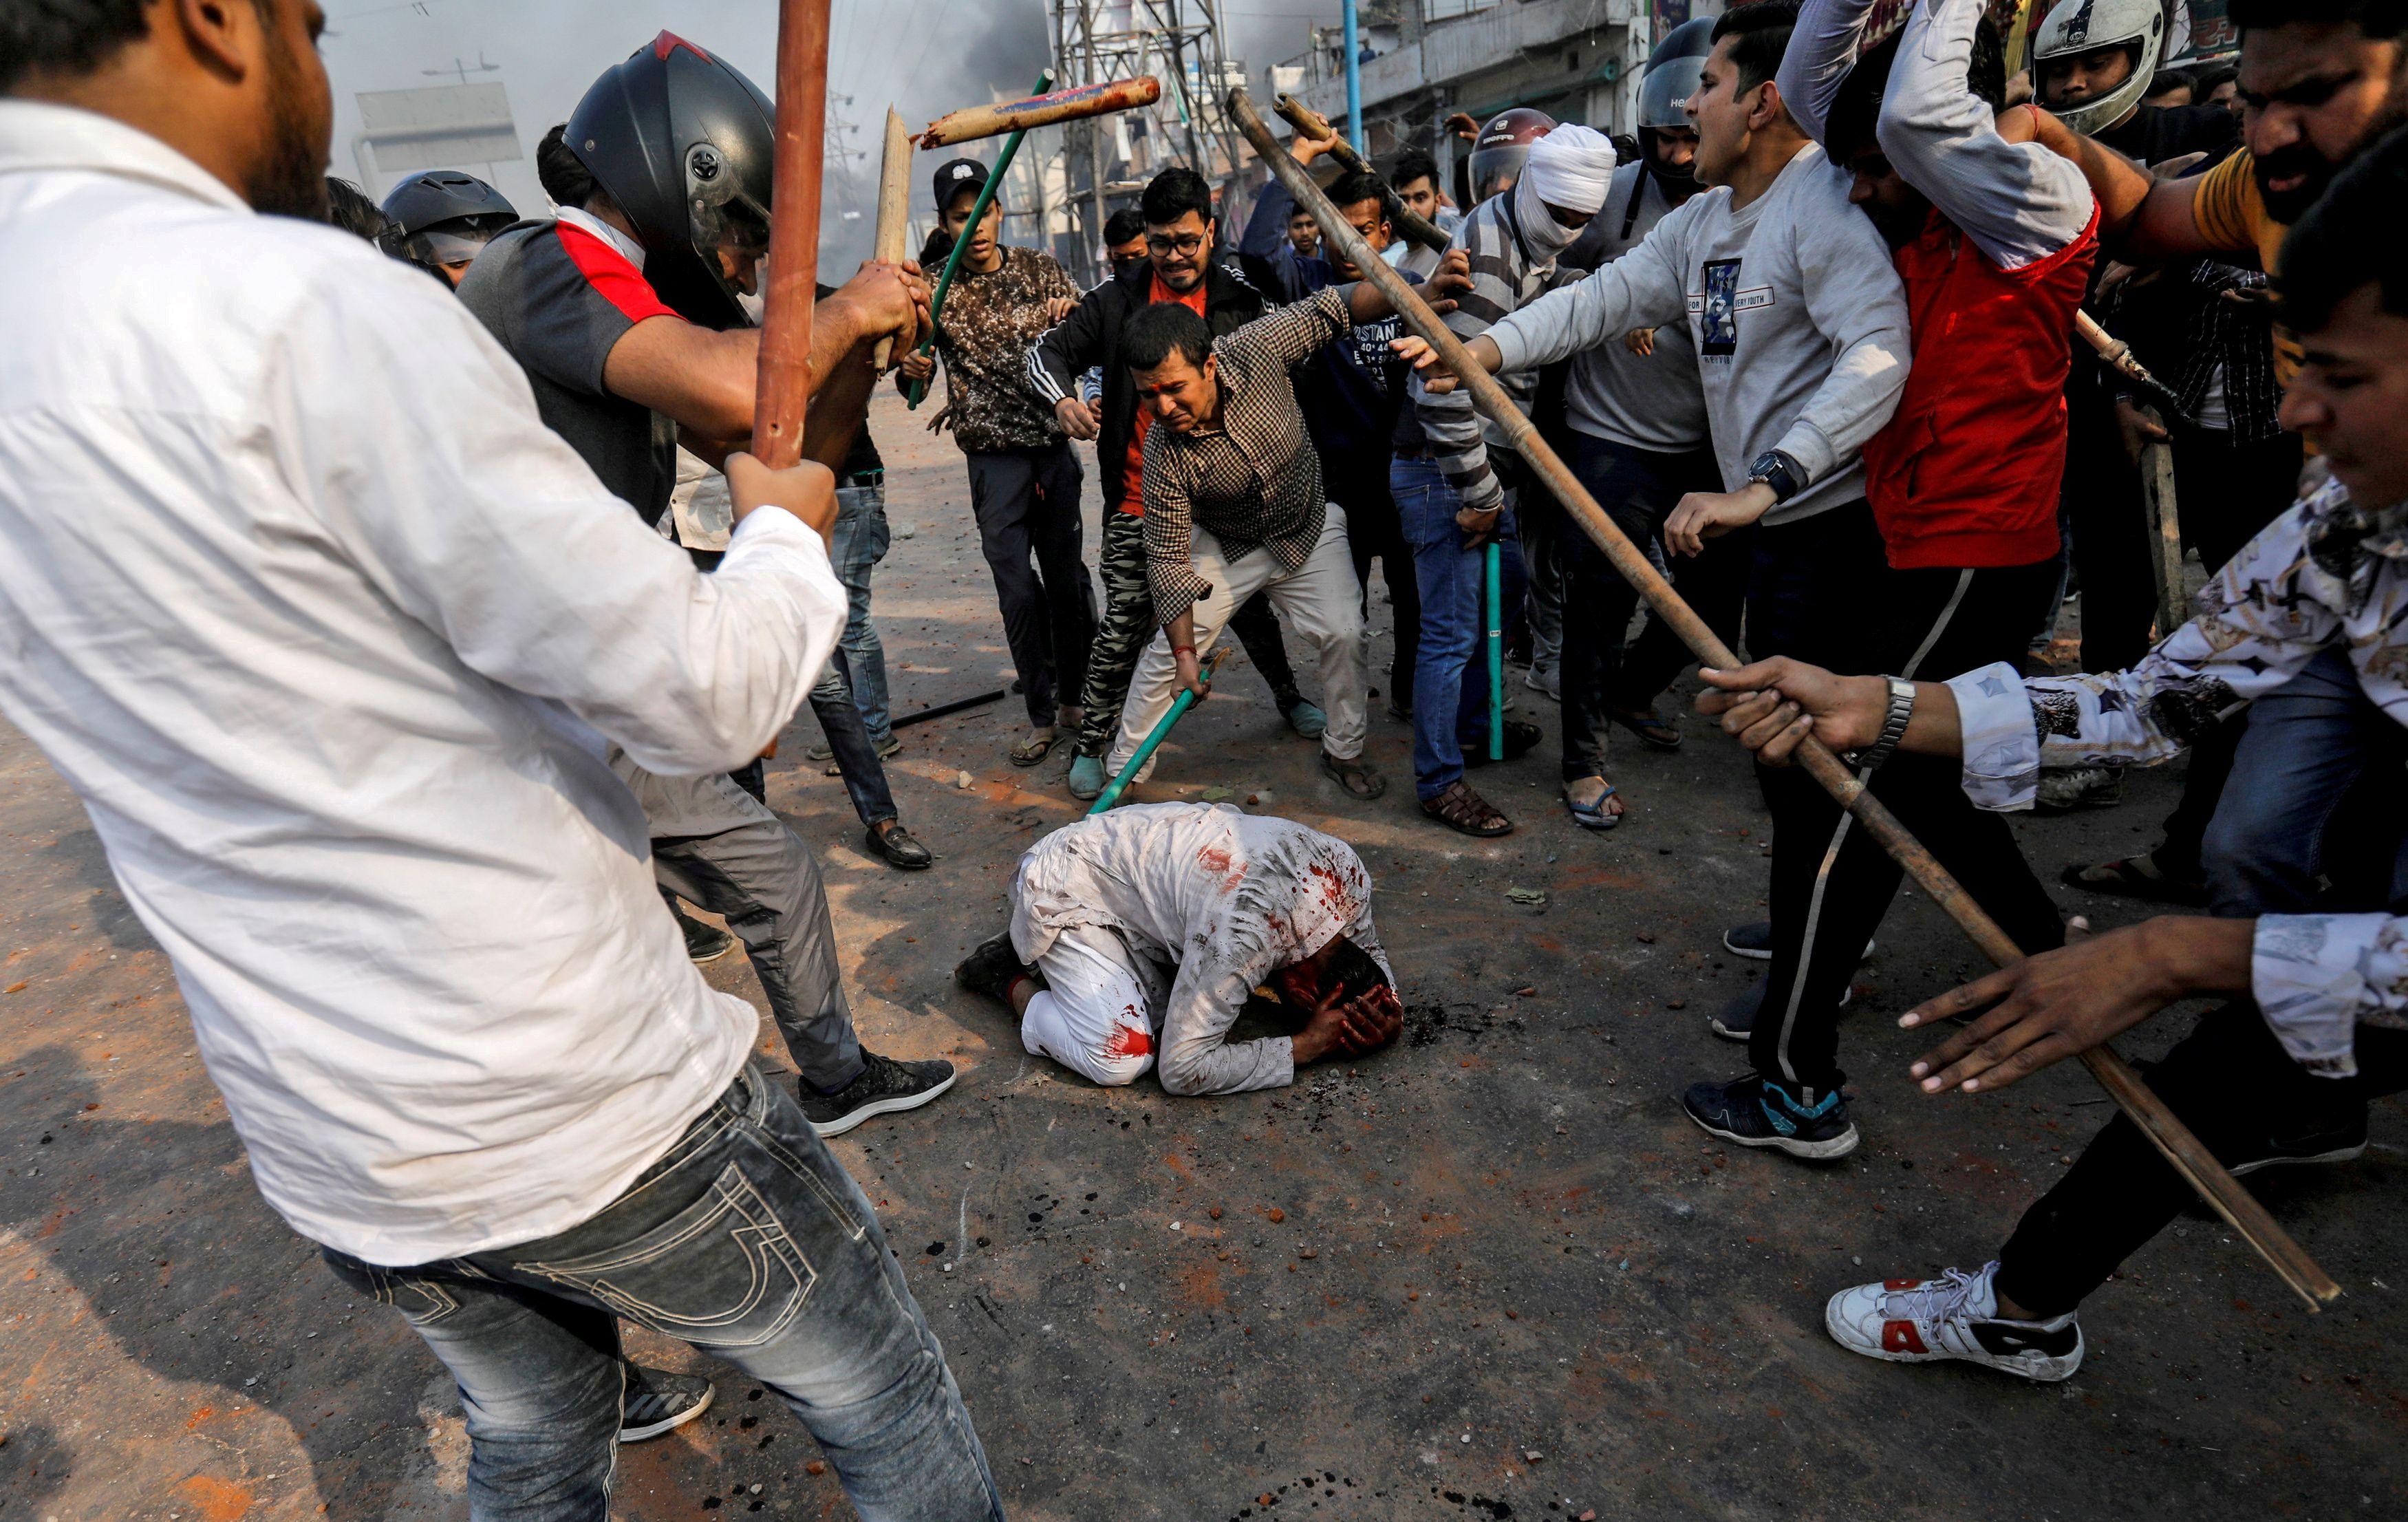 Un grupo de hombres que corean lemas pro-hindúes, golpean a Mohammad Zubair, de 37 años, que es musulmán, durante las protestas provocadas por una nueva ley de ciudadanía en Nueva Delhi, India, 24 de febrero de 2020.